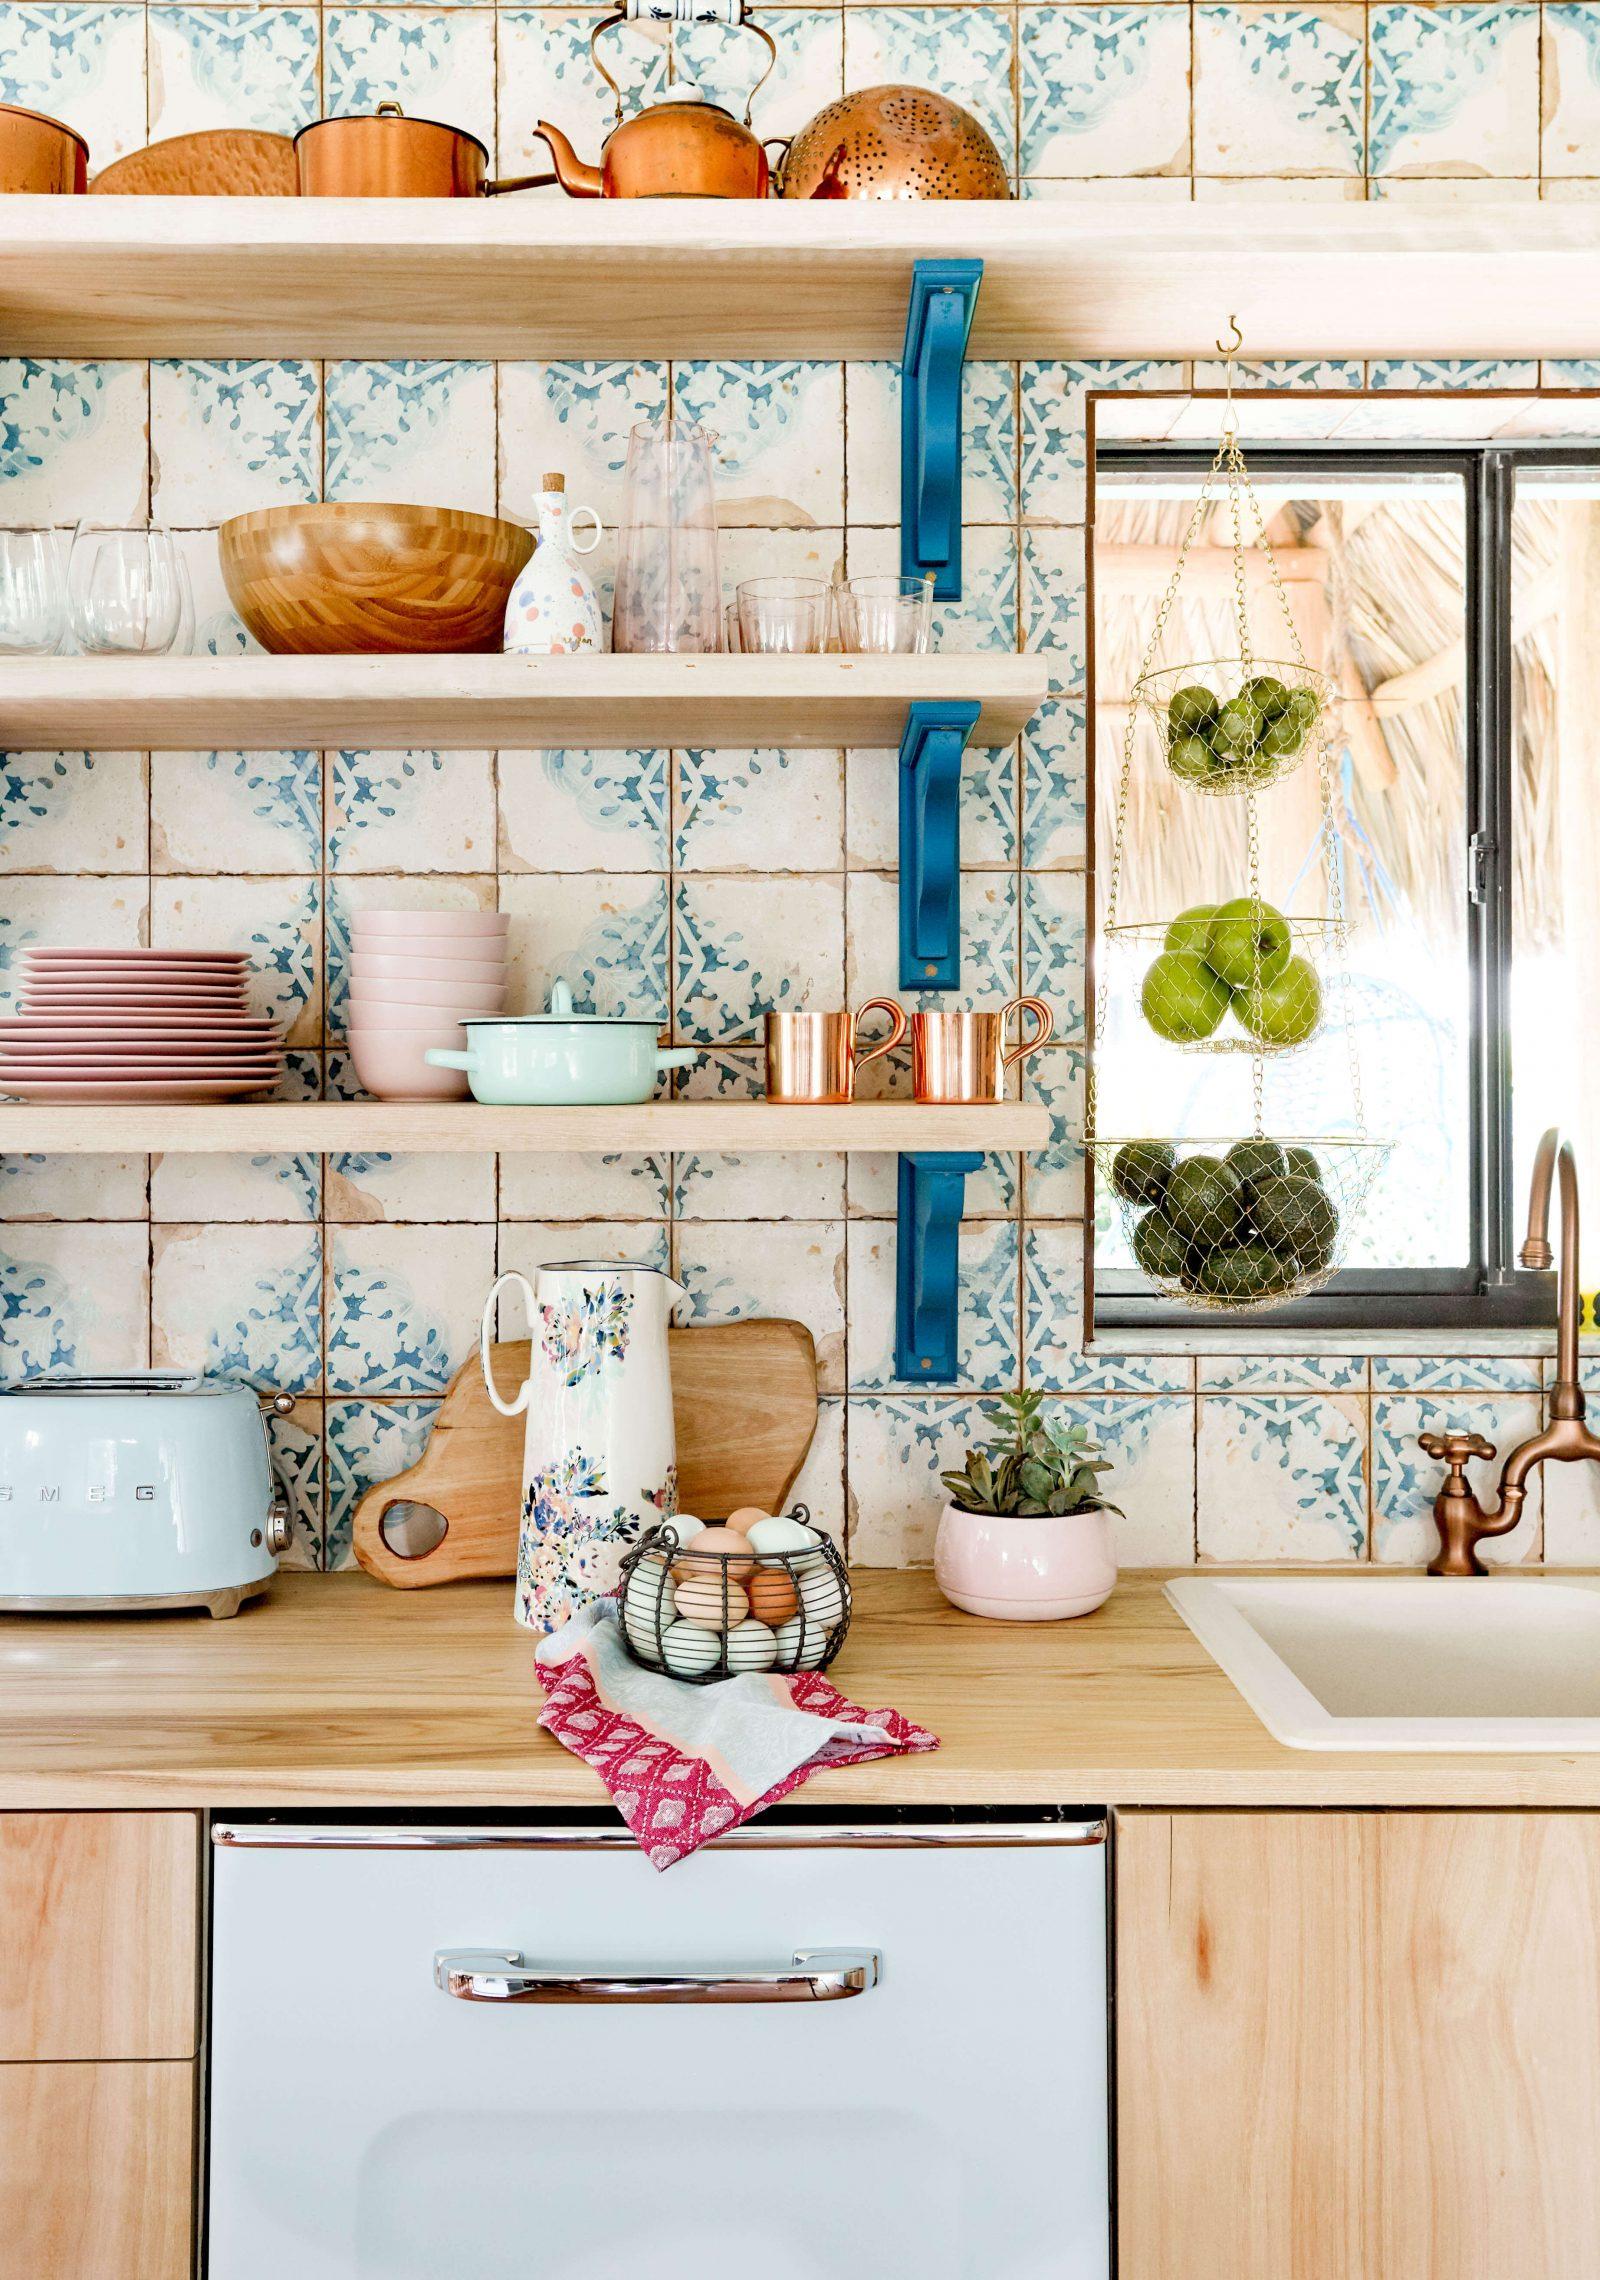 - The Best In Backsplash Tiles - Flea Market Finds: Home And Garden